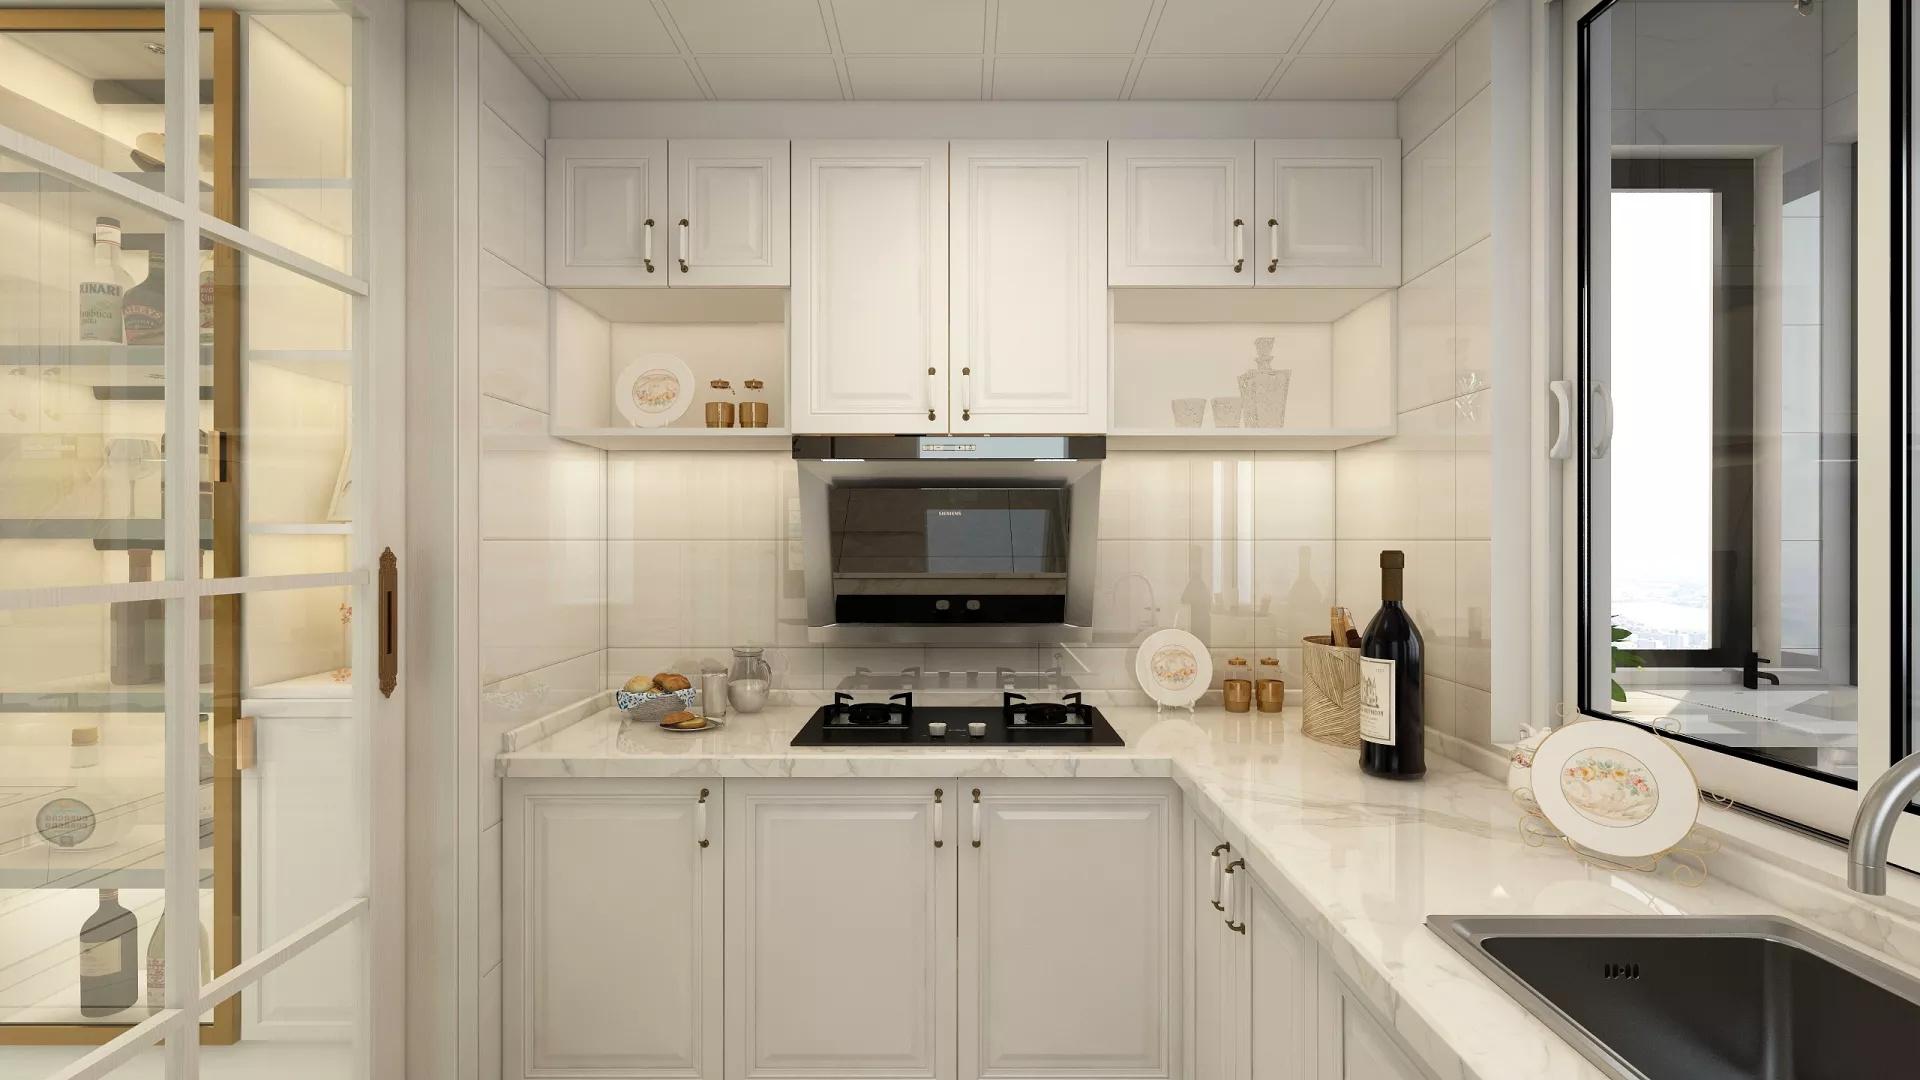 新房子裝修完成后多久可以入住 新房裝修后多久能住